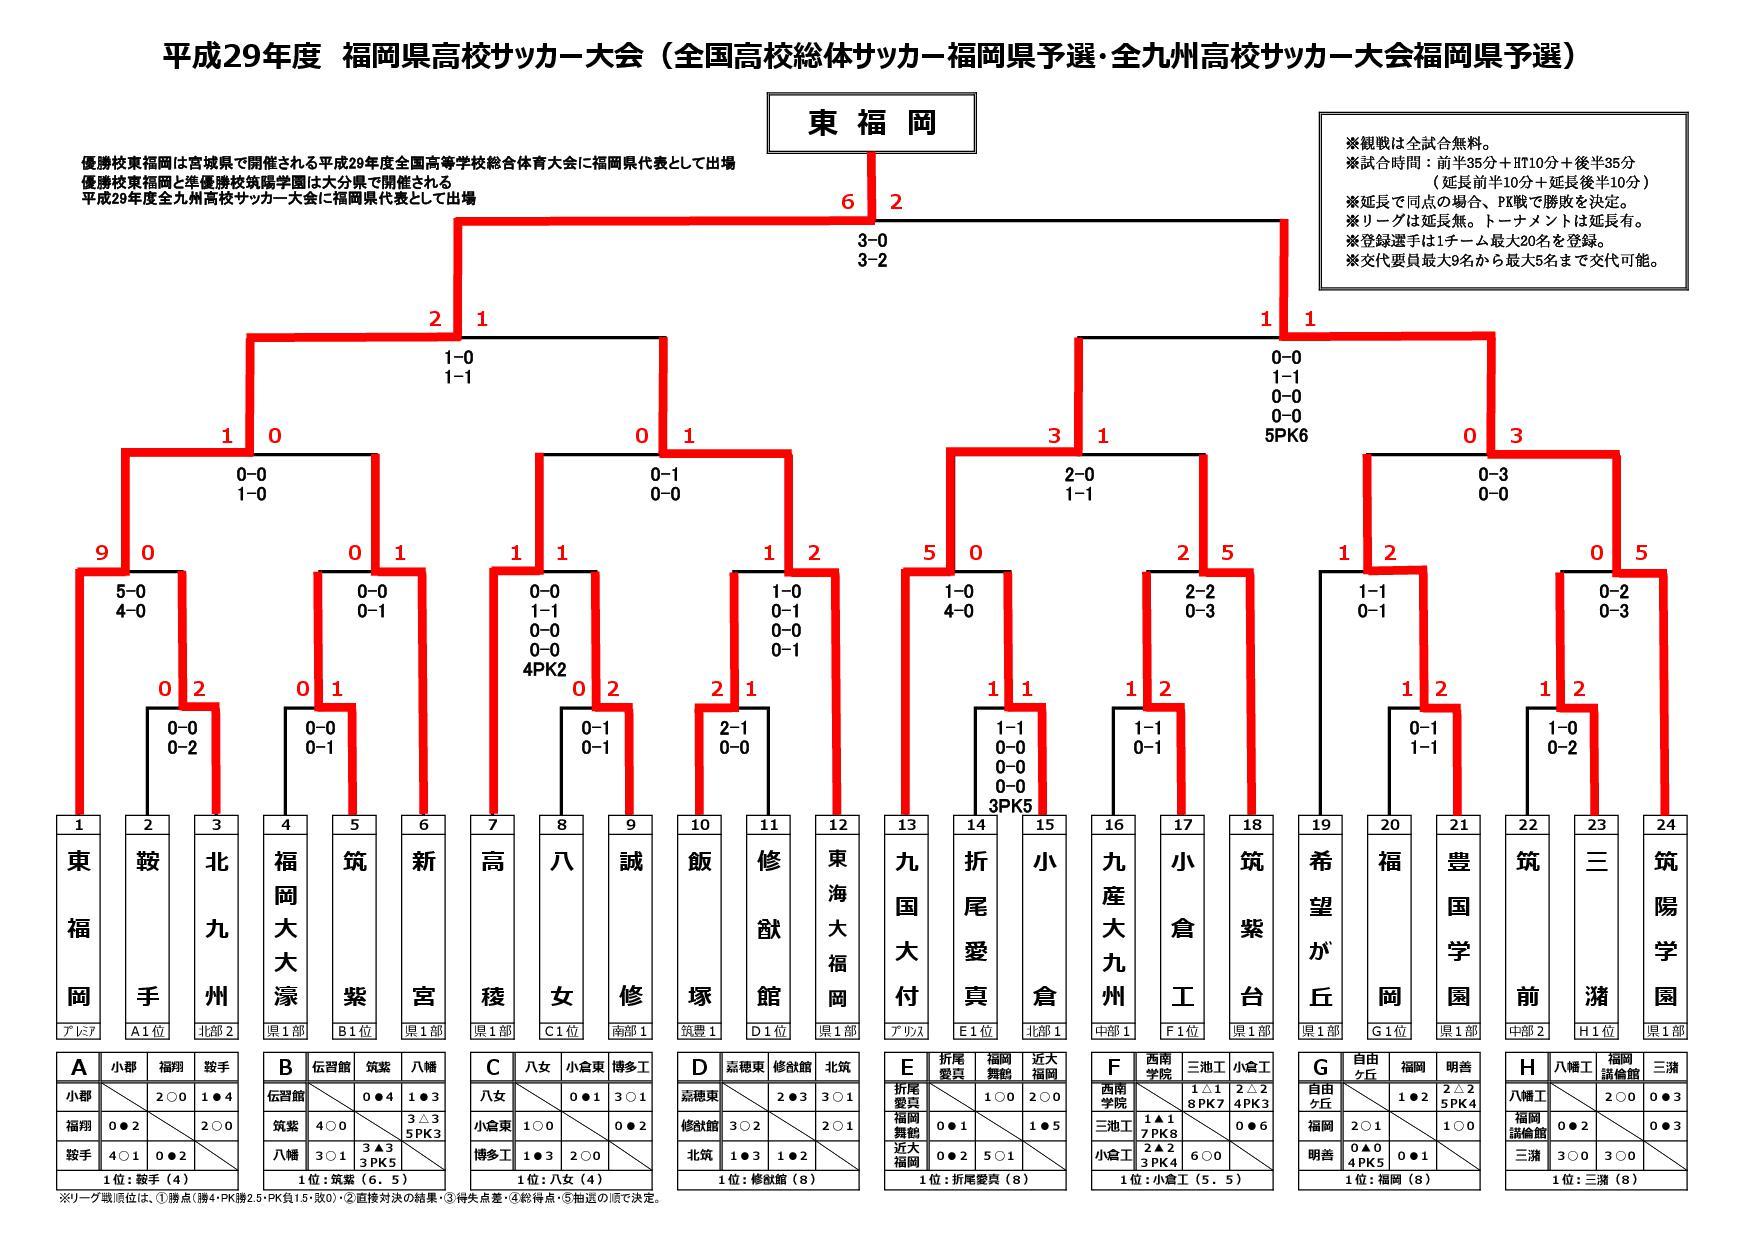 平成29年度福岡県高校サッカー大会